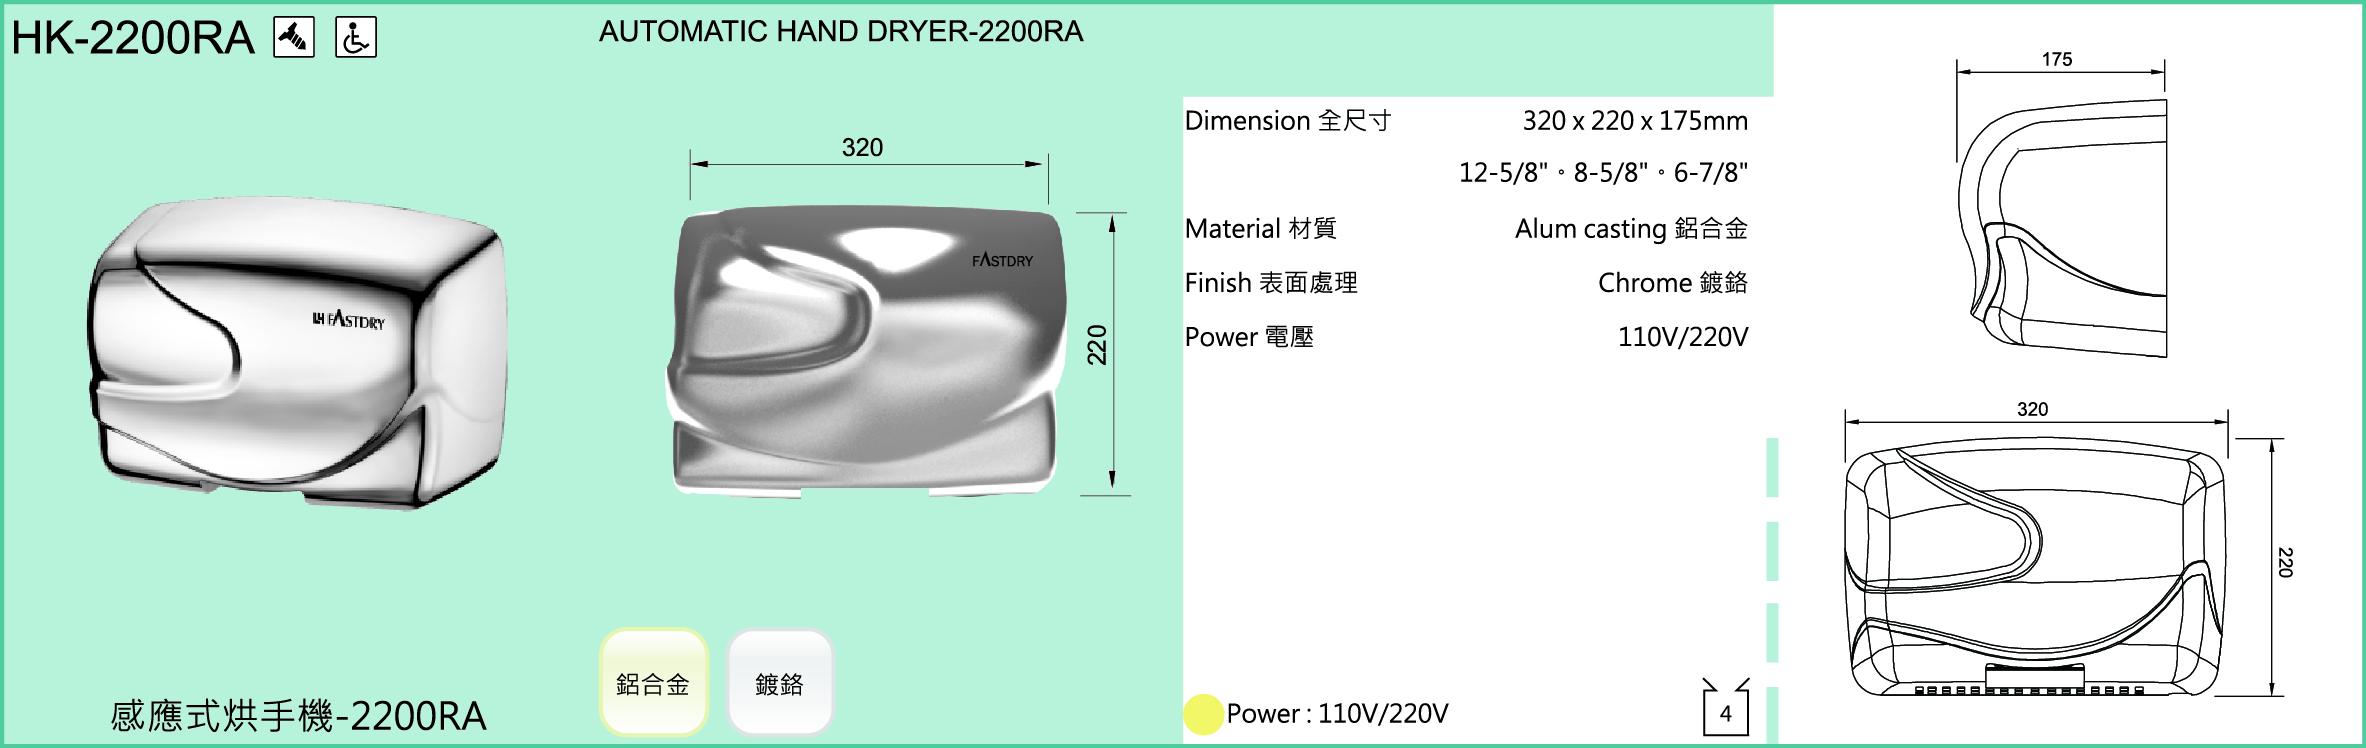 HK-2200RA.jpg